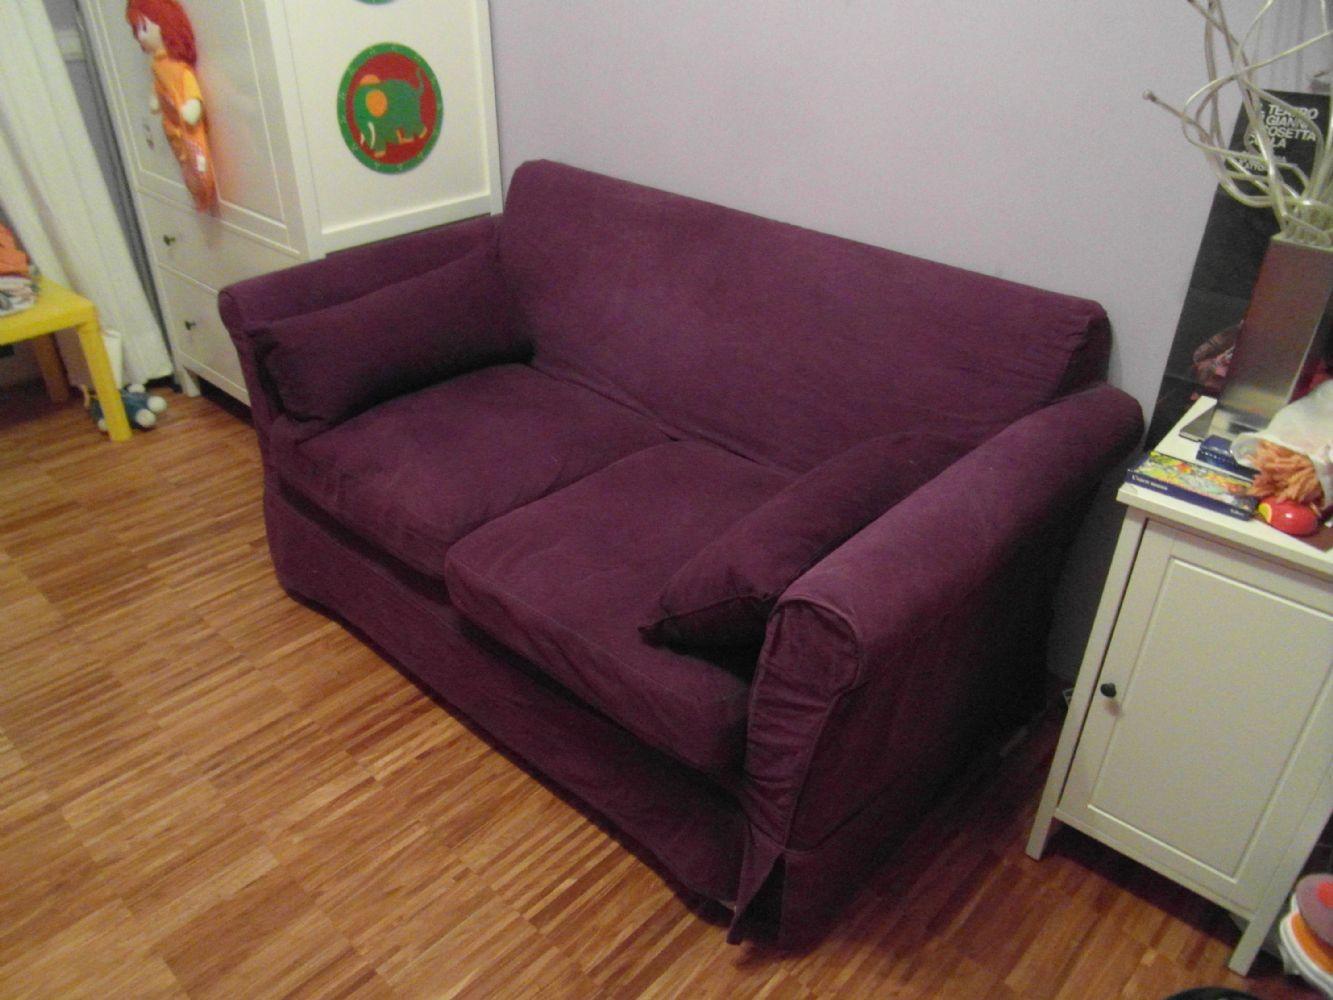 Baratto scambio divano letto ikea arredamento complementi d arredo a bodio lomnago va - Complementi arredo ikea ...